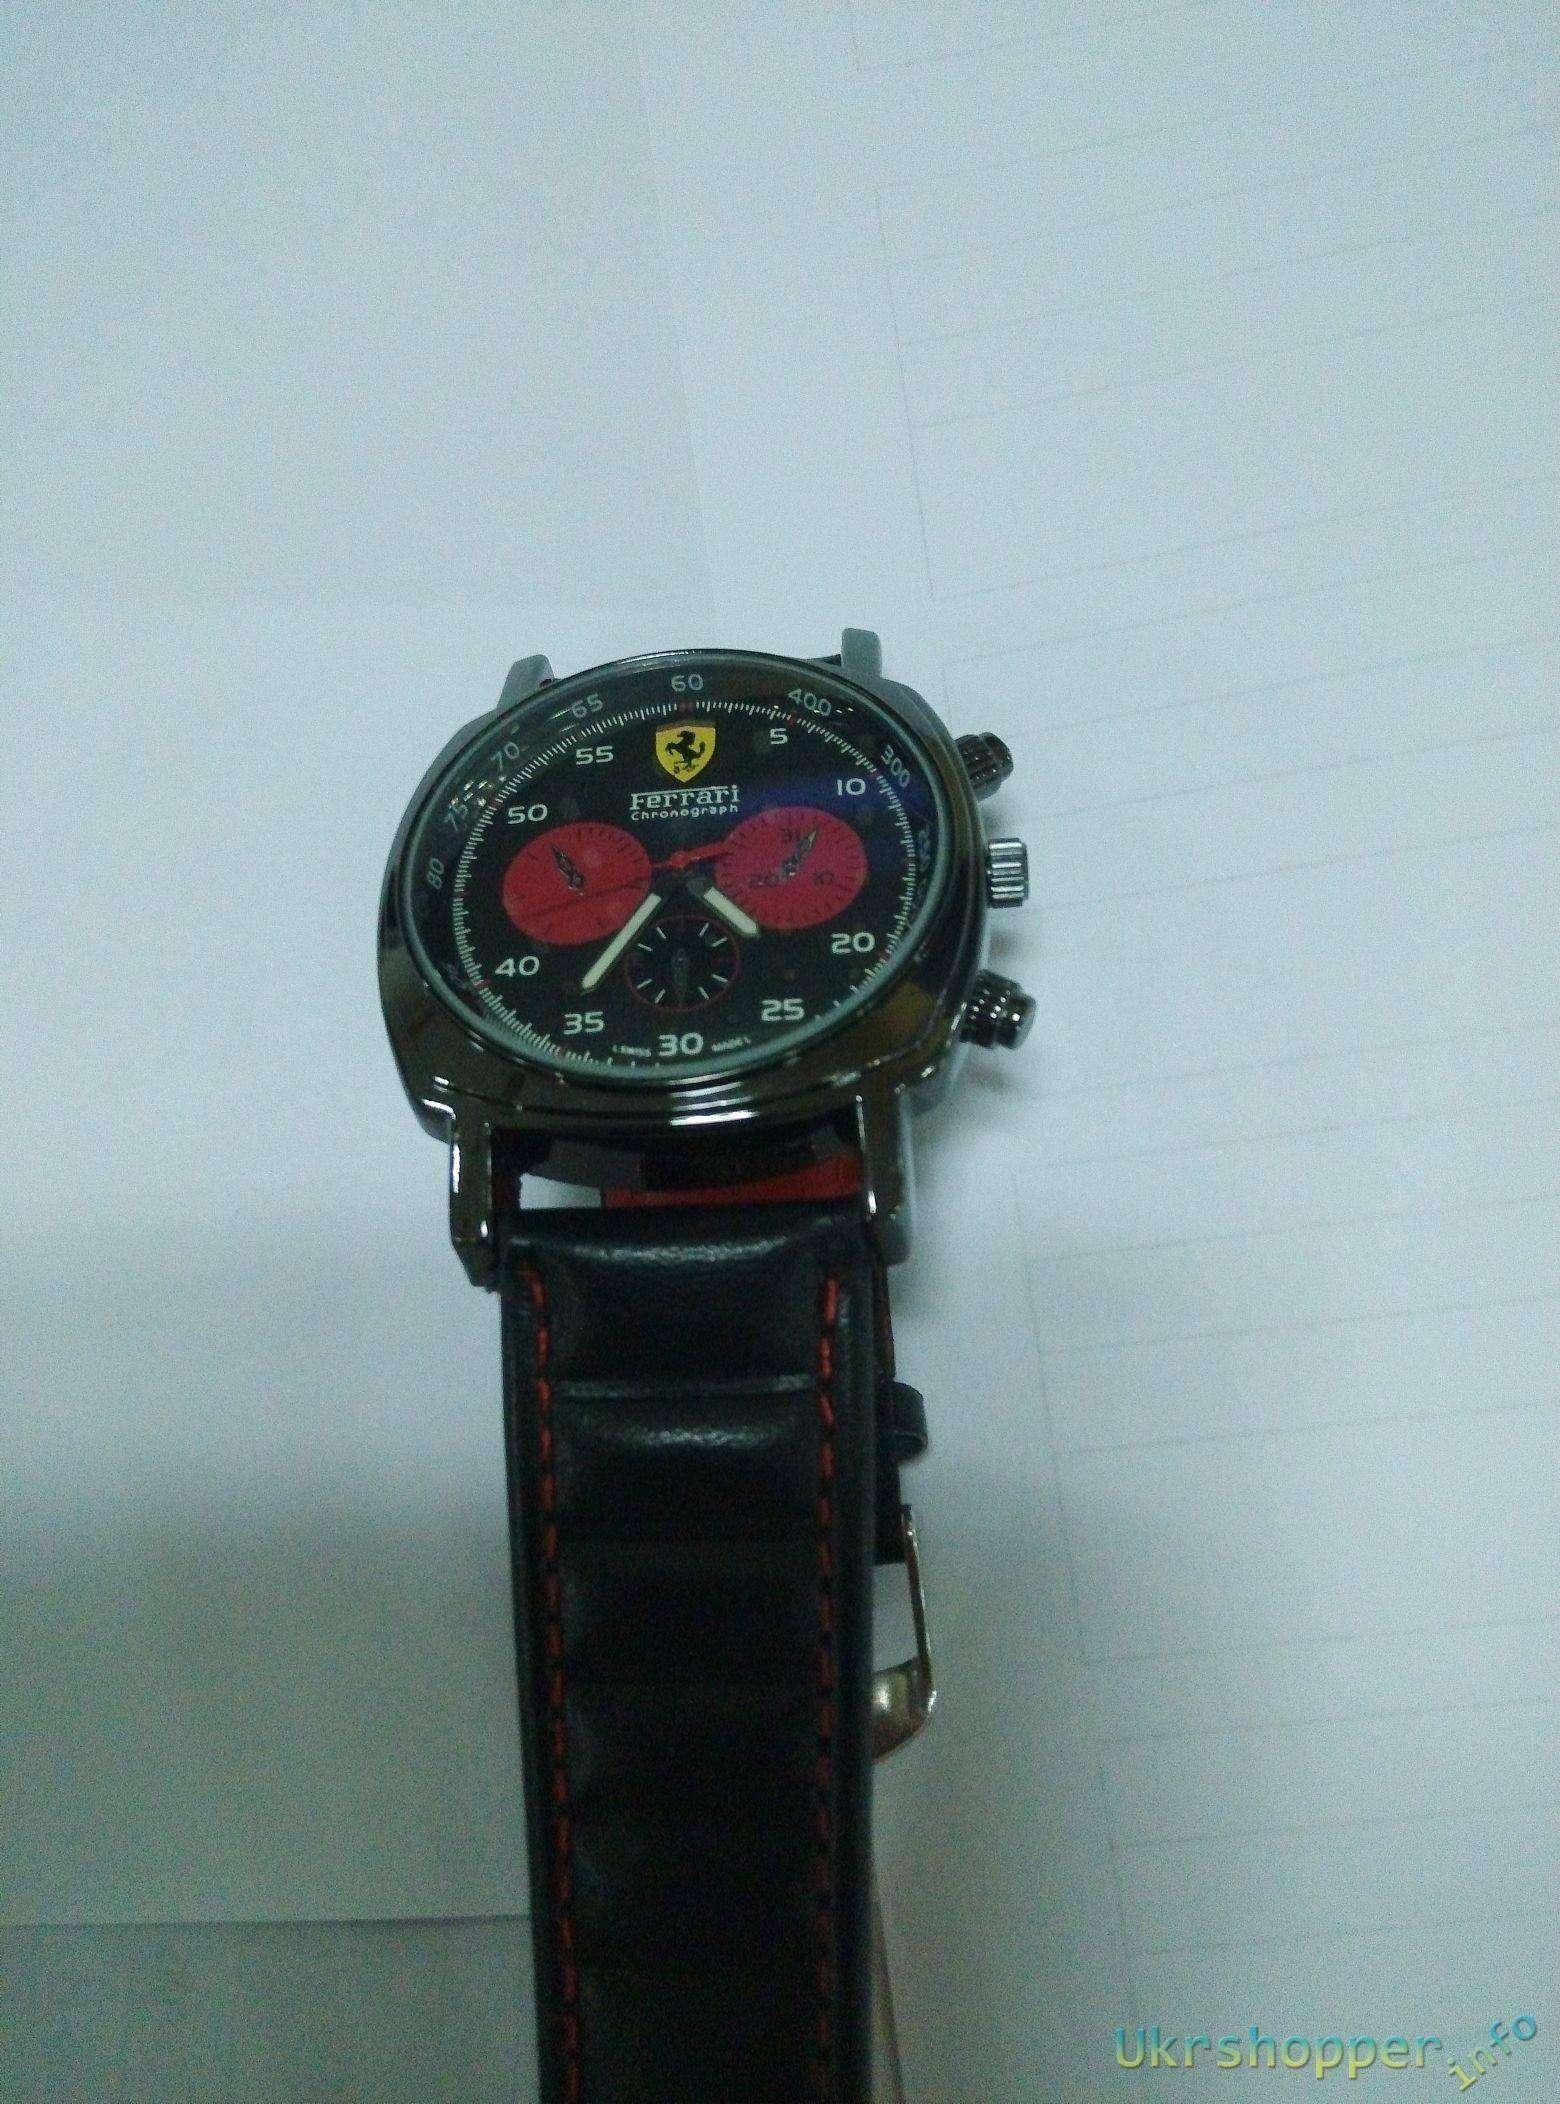 Popkind: Обзор дешевой реплки мужских спортивных часов хронографа Ferrari Panerai Chronograph